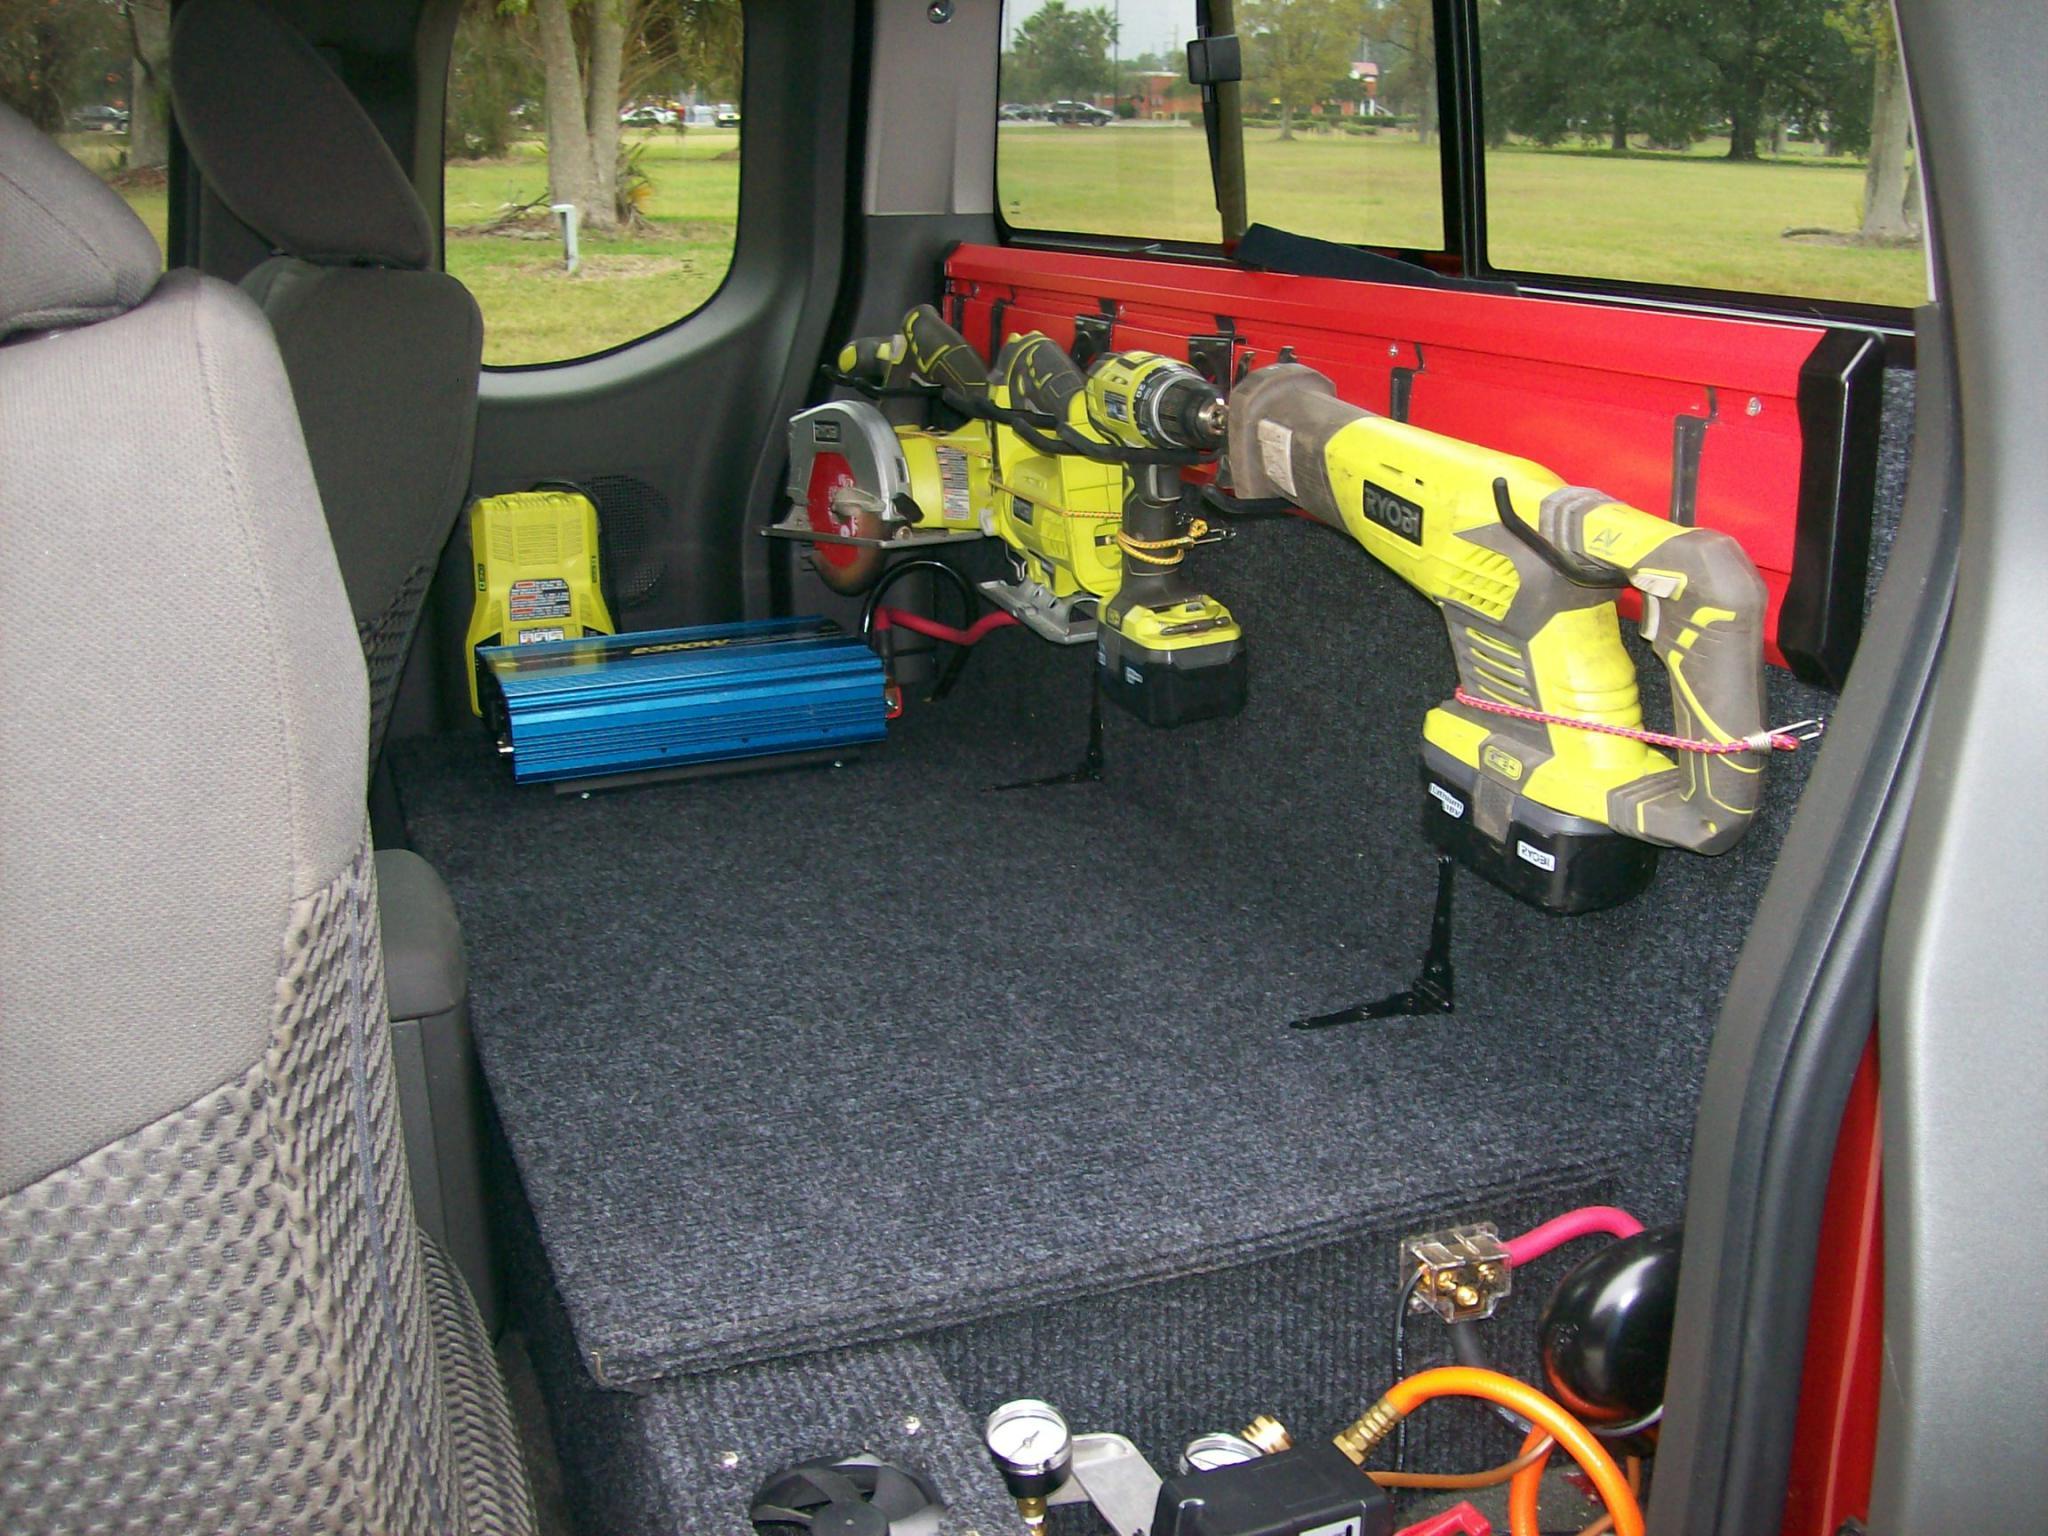 Truck bed storage ideas nissan frontier forum - Truck bed organizer ideas ...